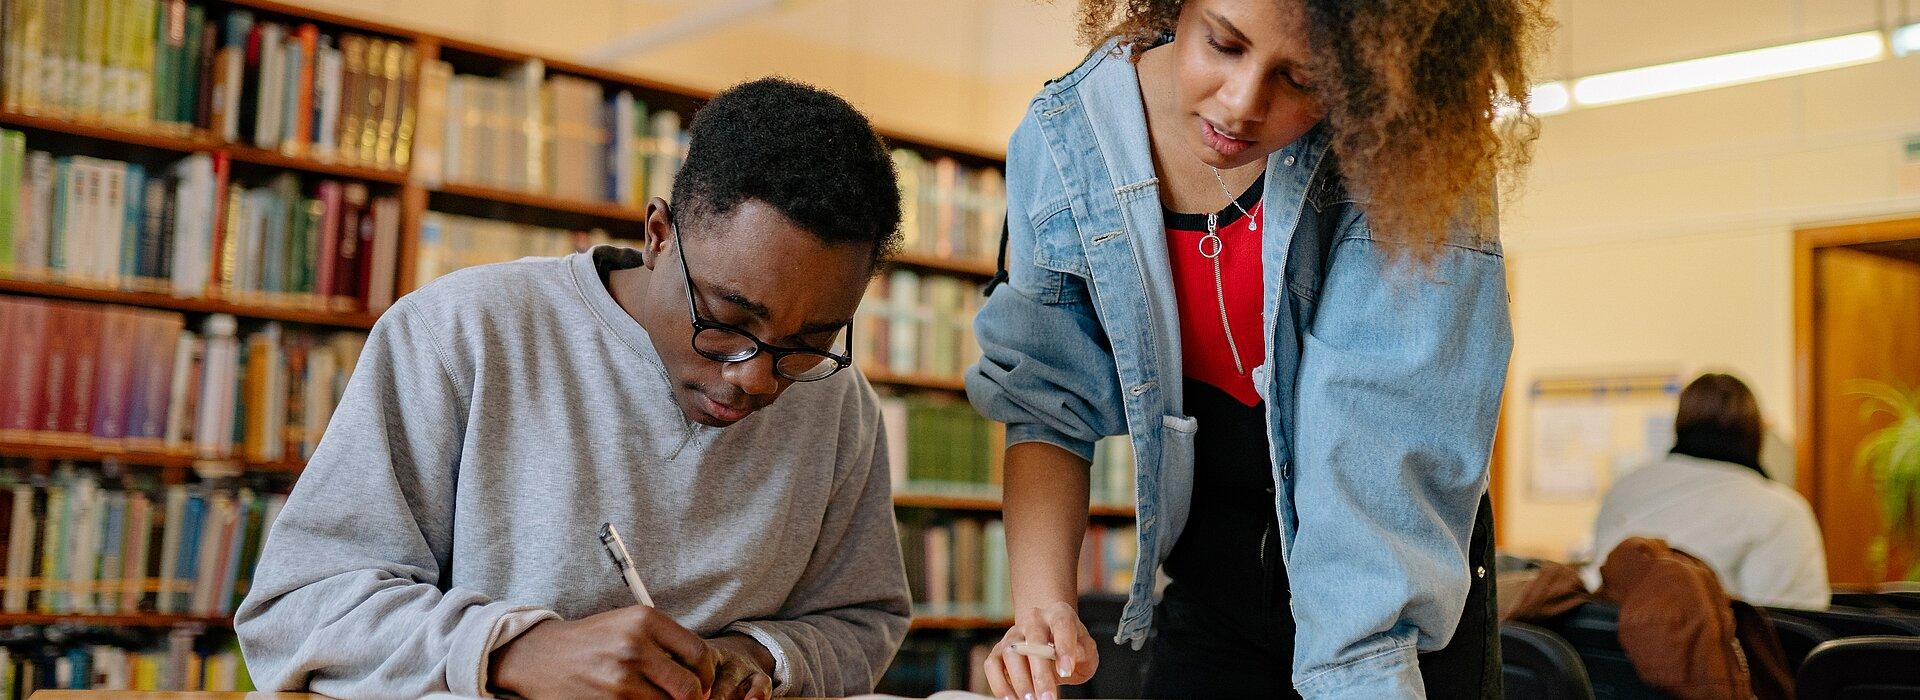 Um homem negro está sentado escrevendo e uma mulher negra está em pé olhando os materiais ao seu lado. Eles estão em uma biblioteca.